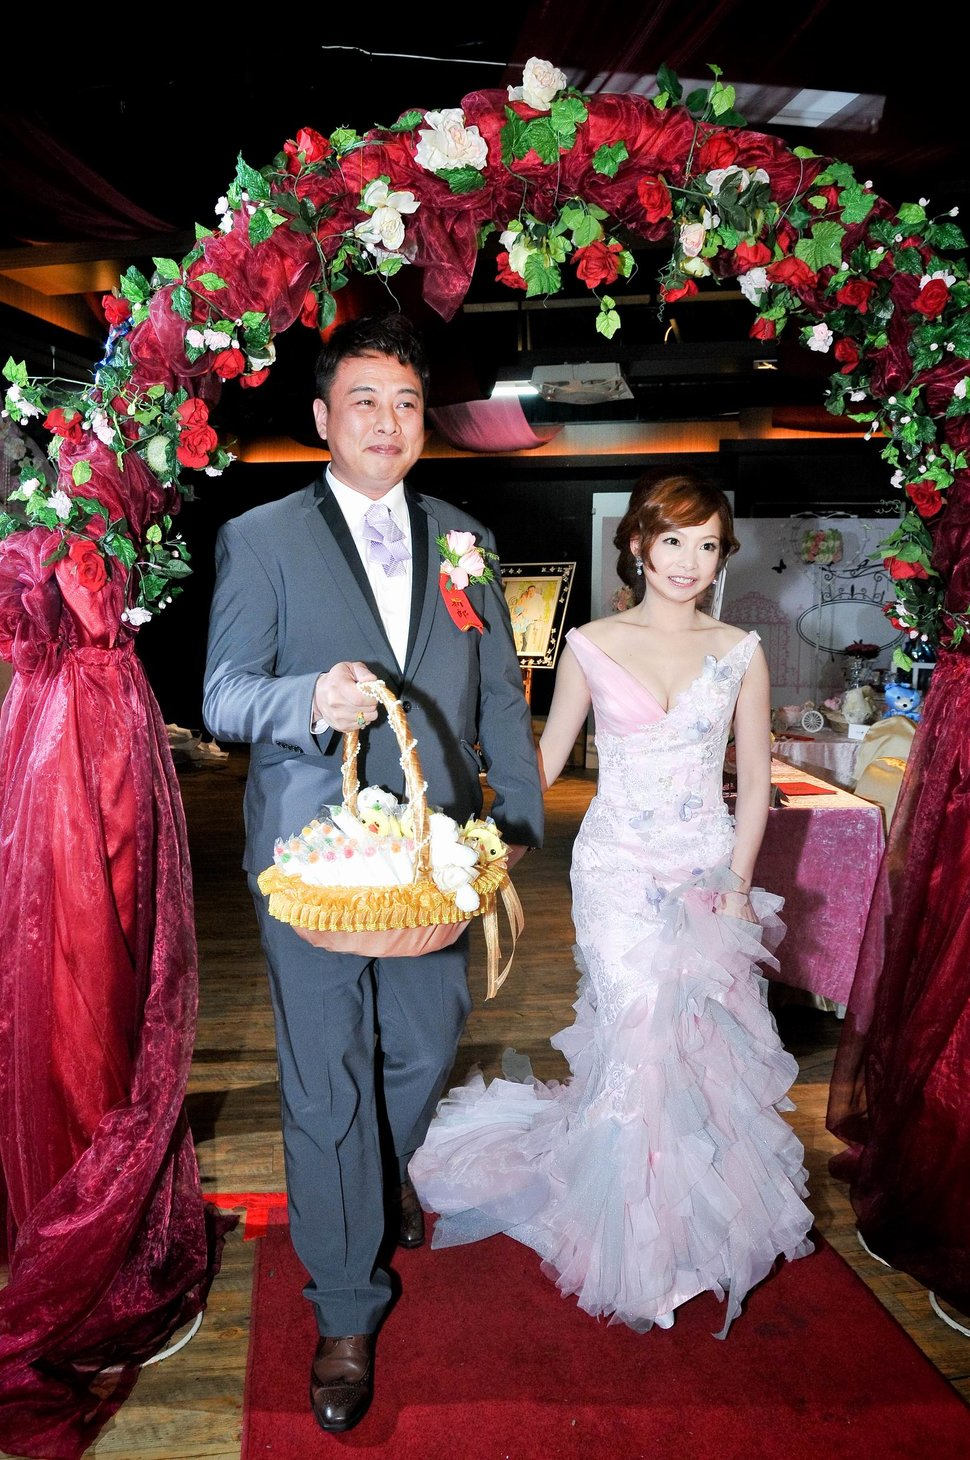 龍和餐廳結婚迎娶儀式晚宴婚禮記錄動態微電影錄影專業錄影平面攝影婚攝婚禮主持人(編號:272570) - 蜜月拍照10800錄影12800攝影團隊 - 結婚吧